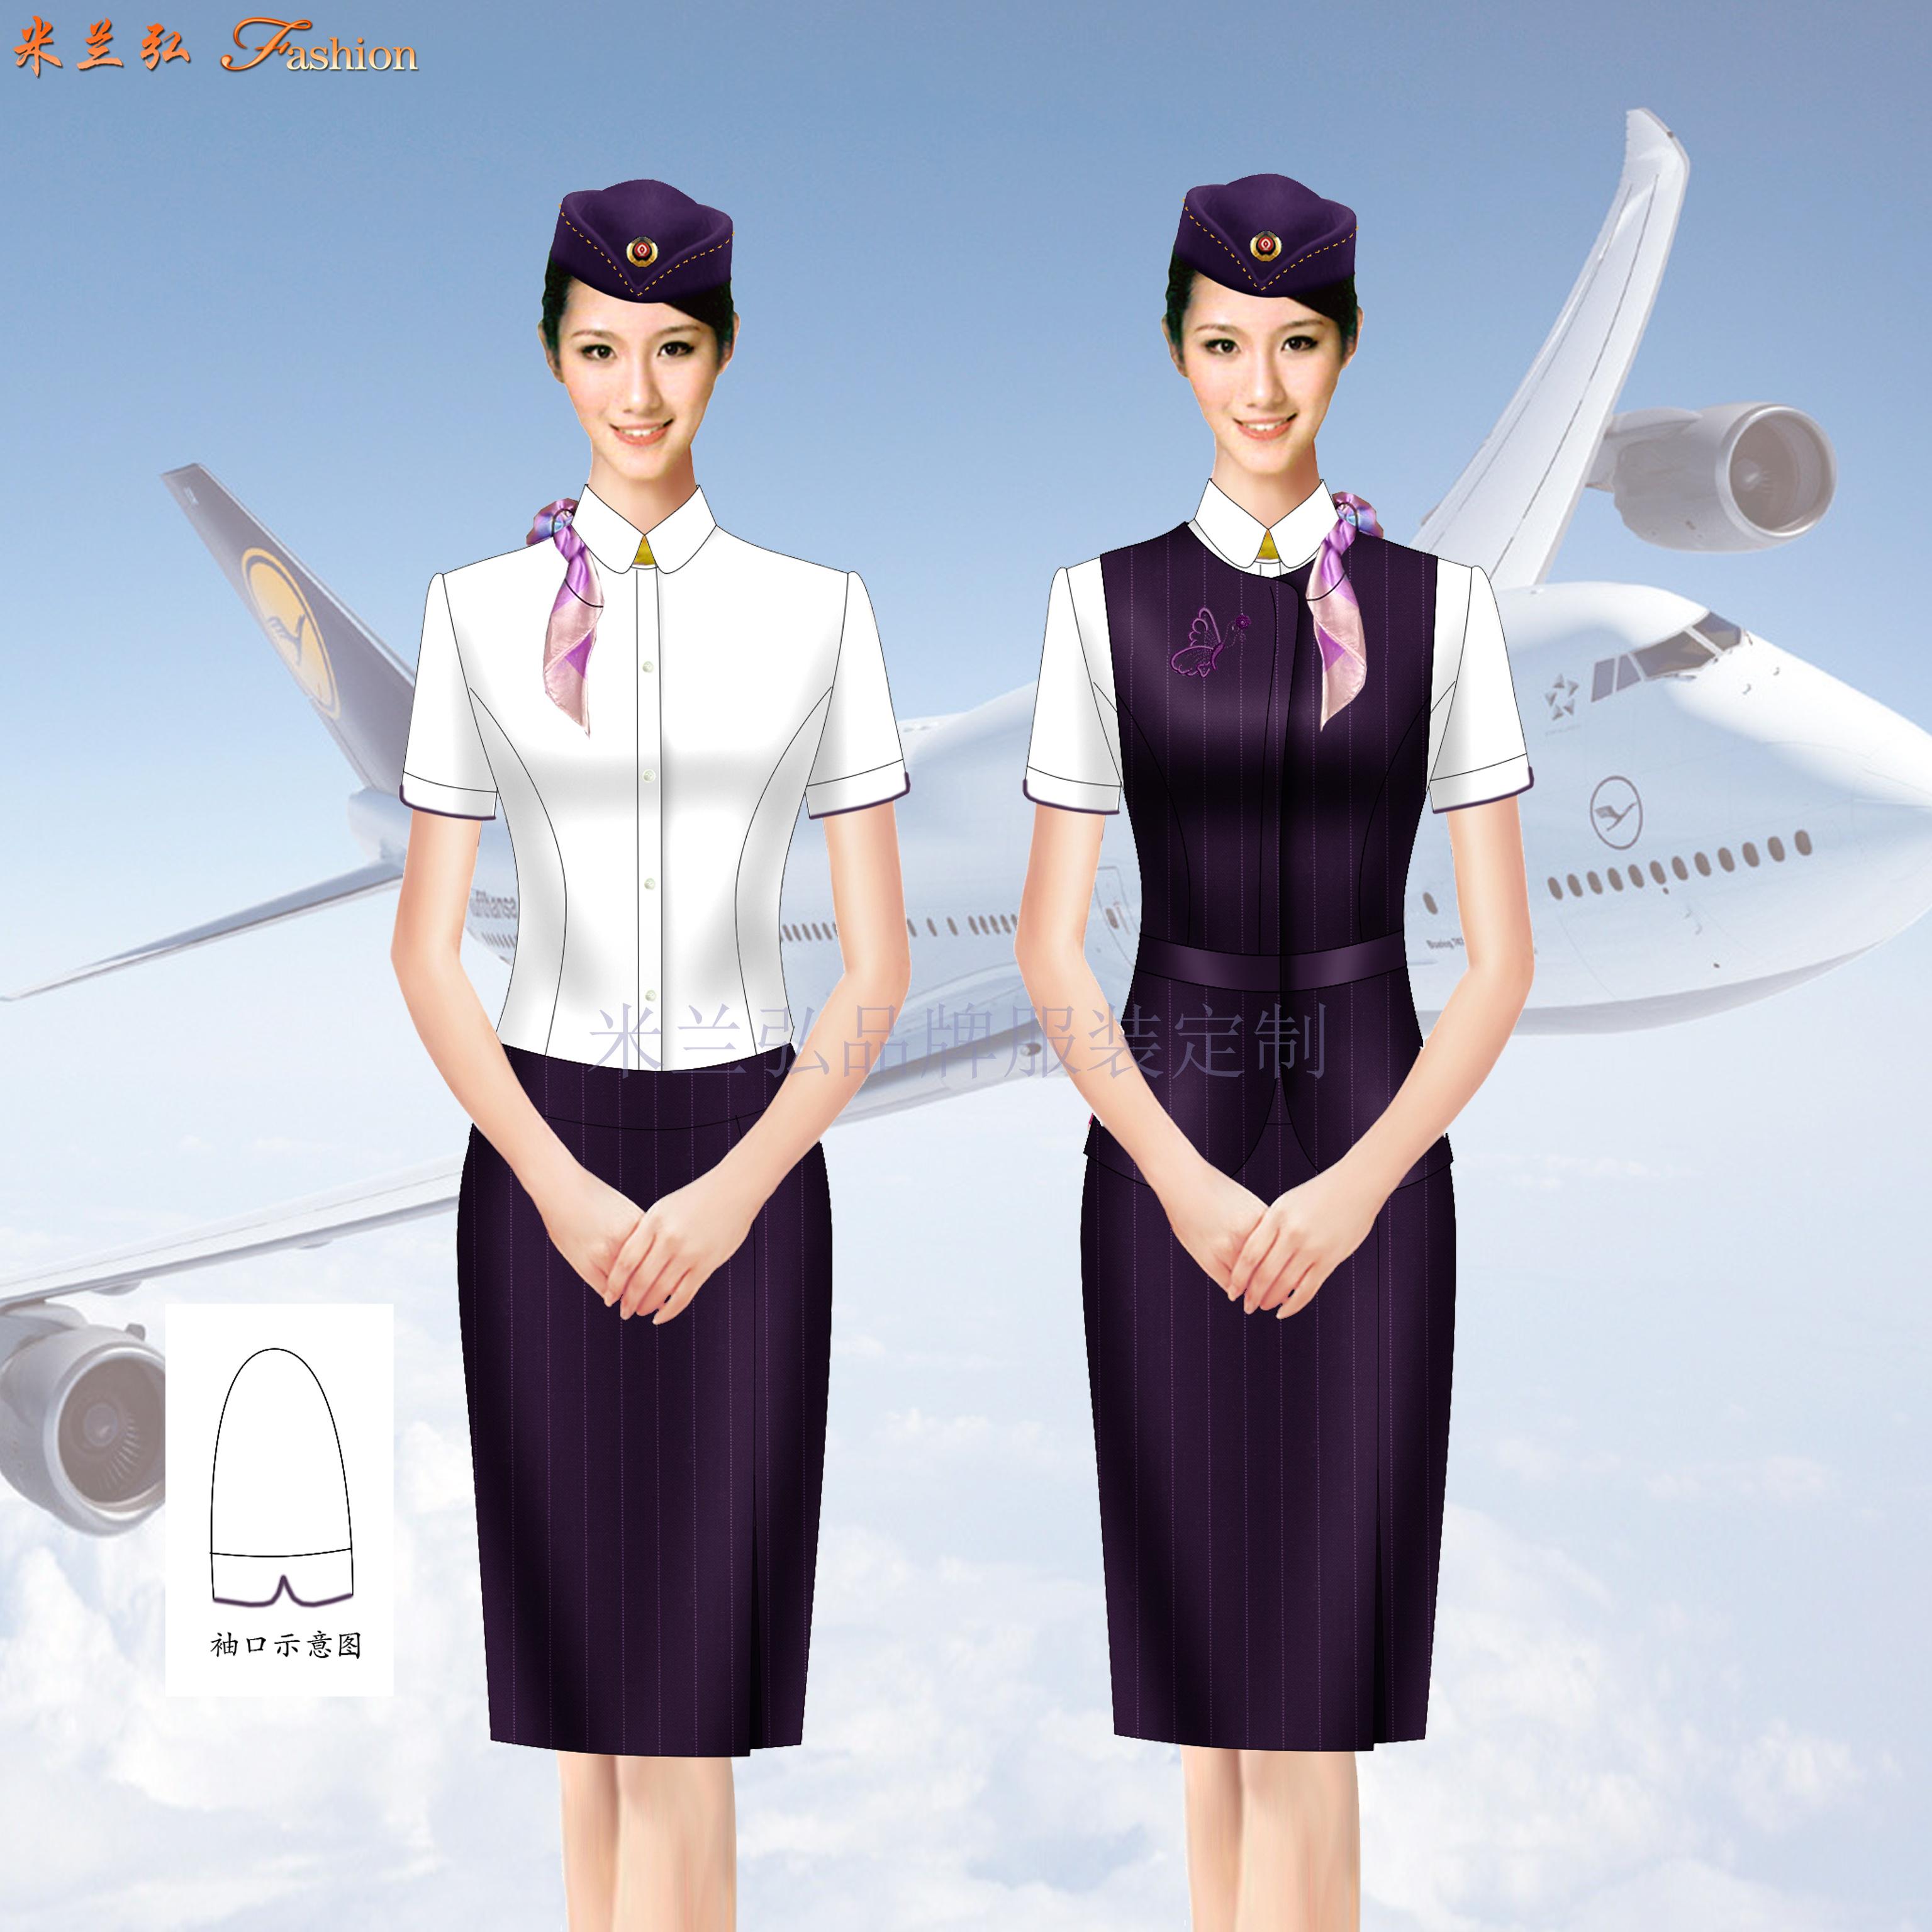 「空姐服」北京量體定制訂做潮流空姐服的誠信公司-米蘭弘服裝-2